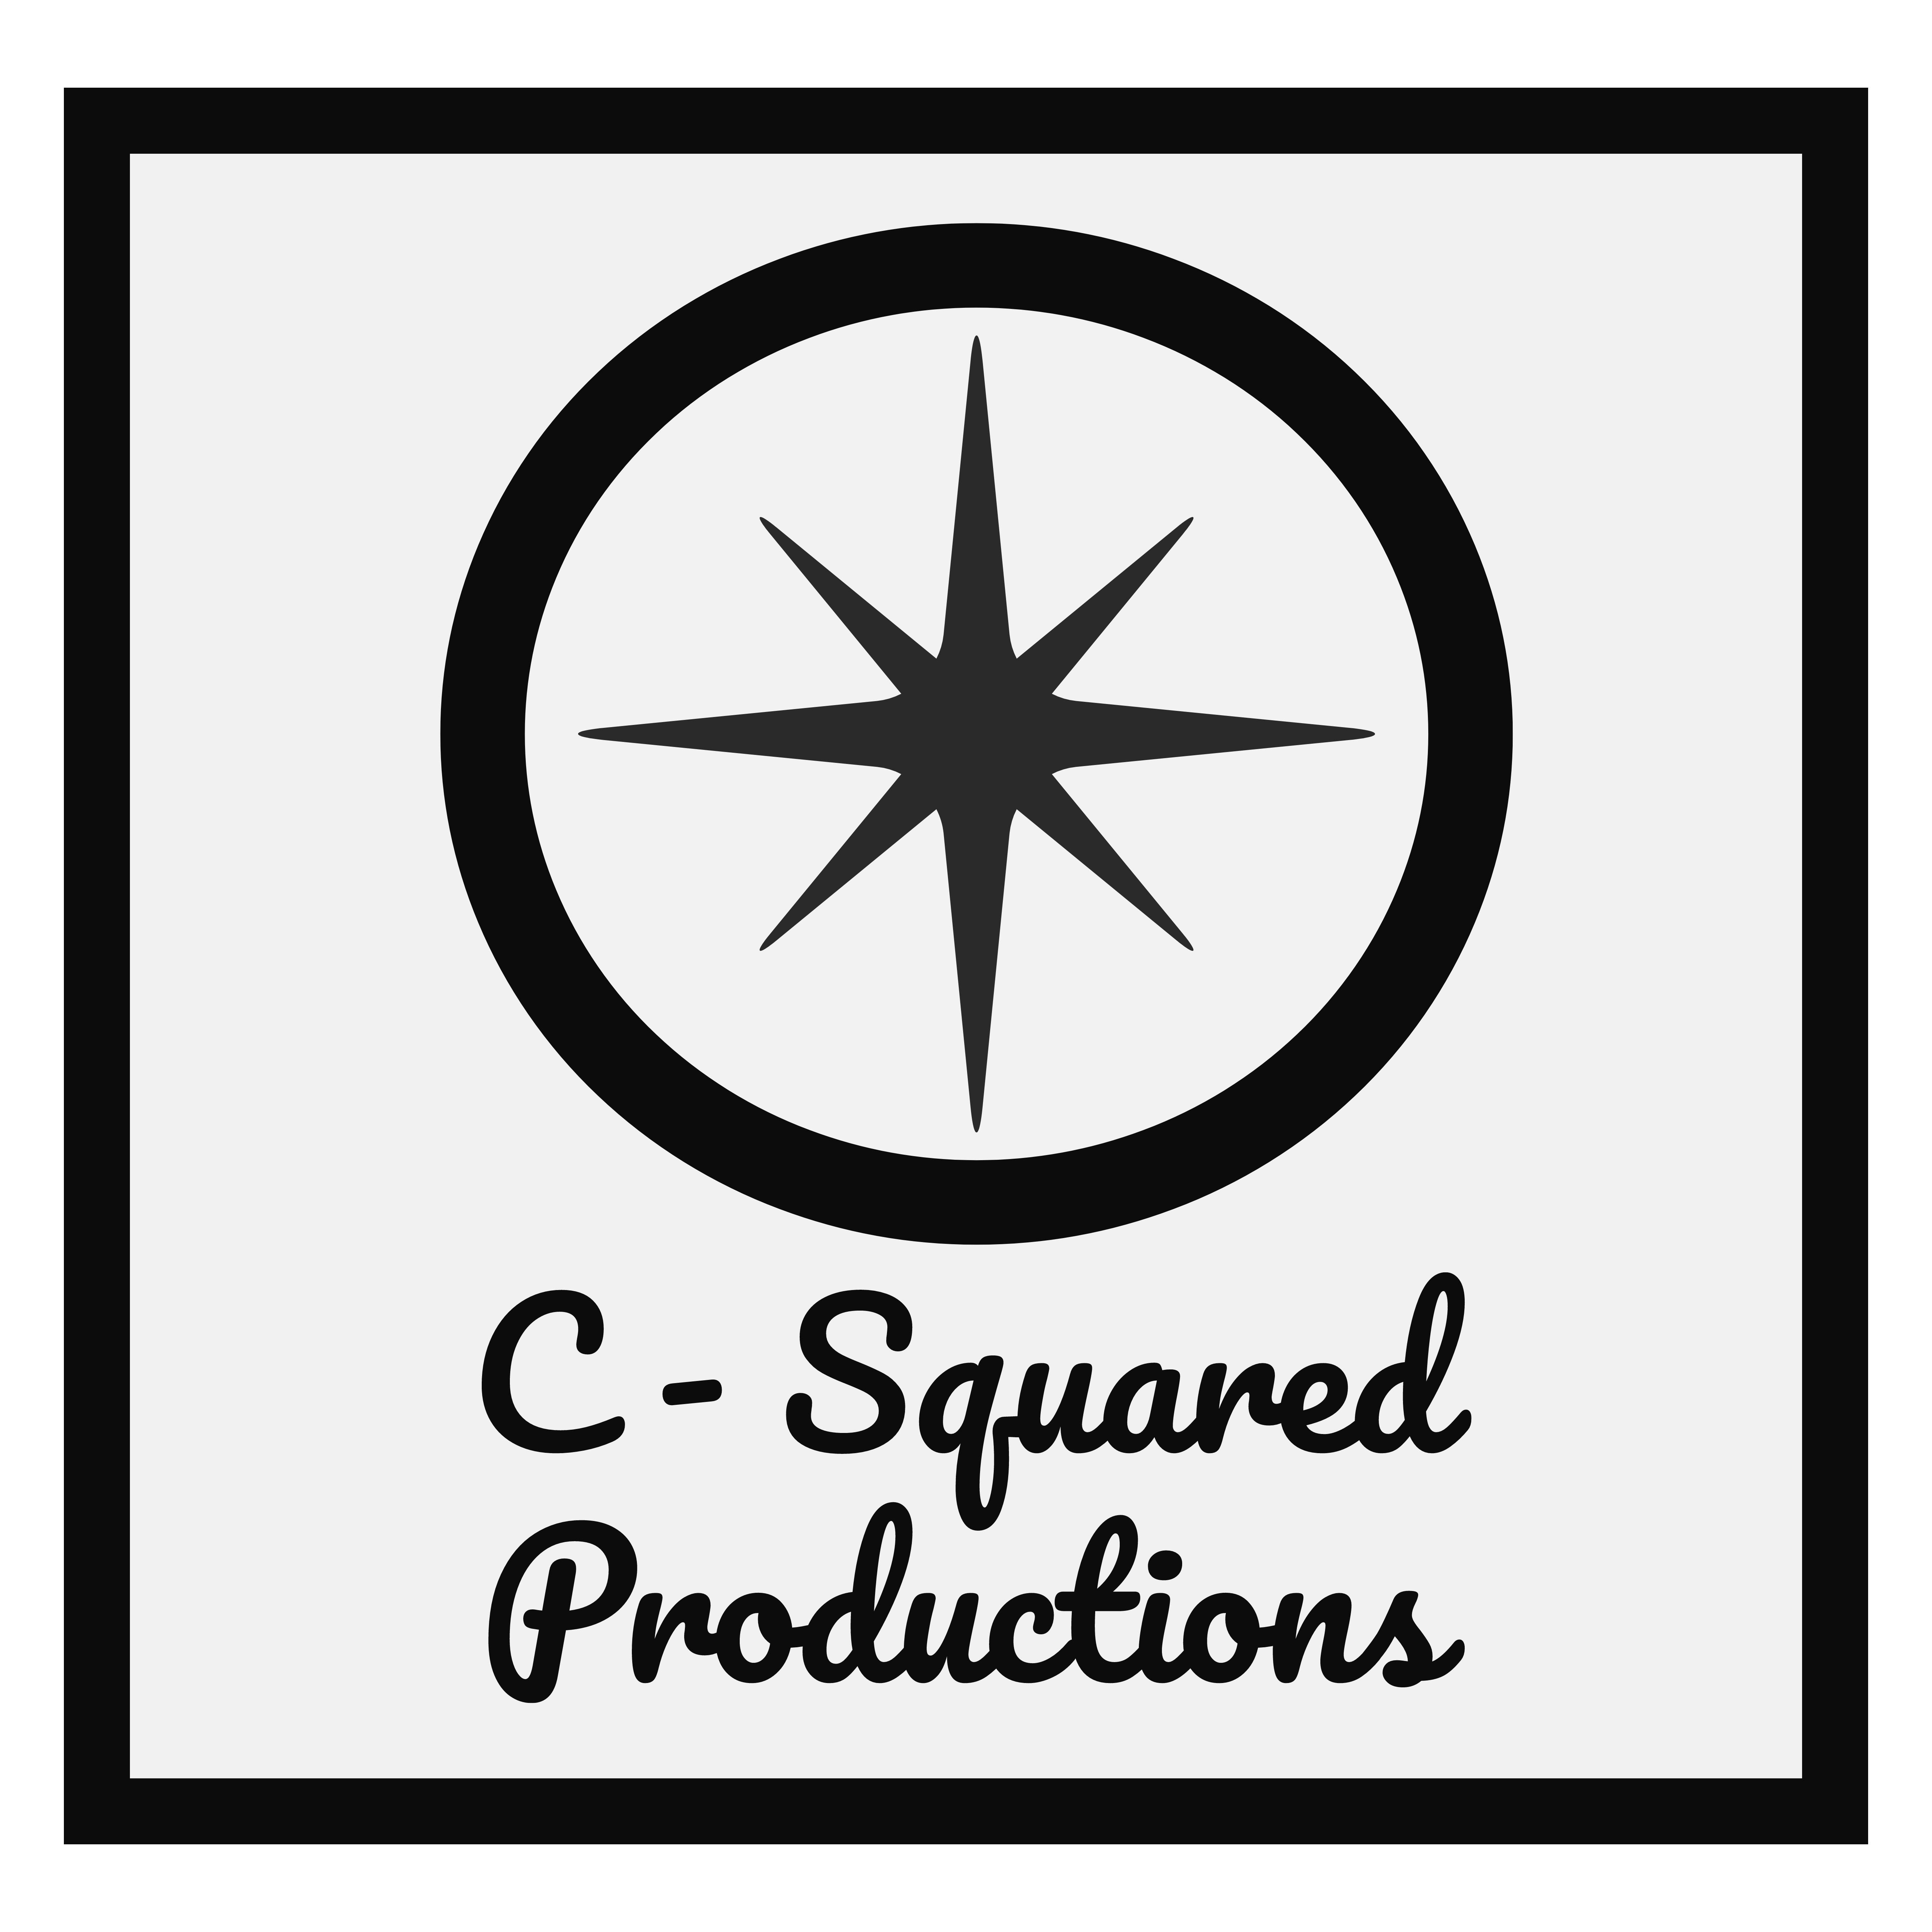 C-Squared Productions, LLC